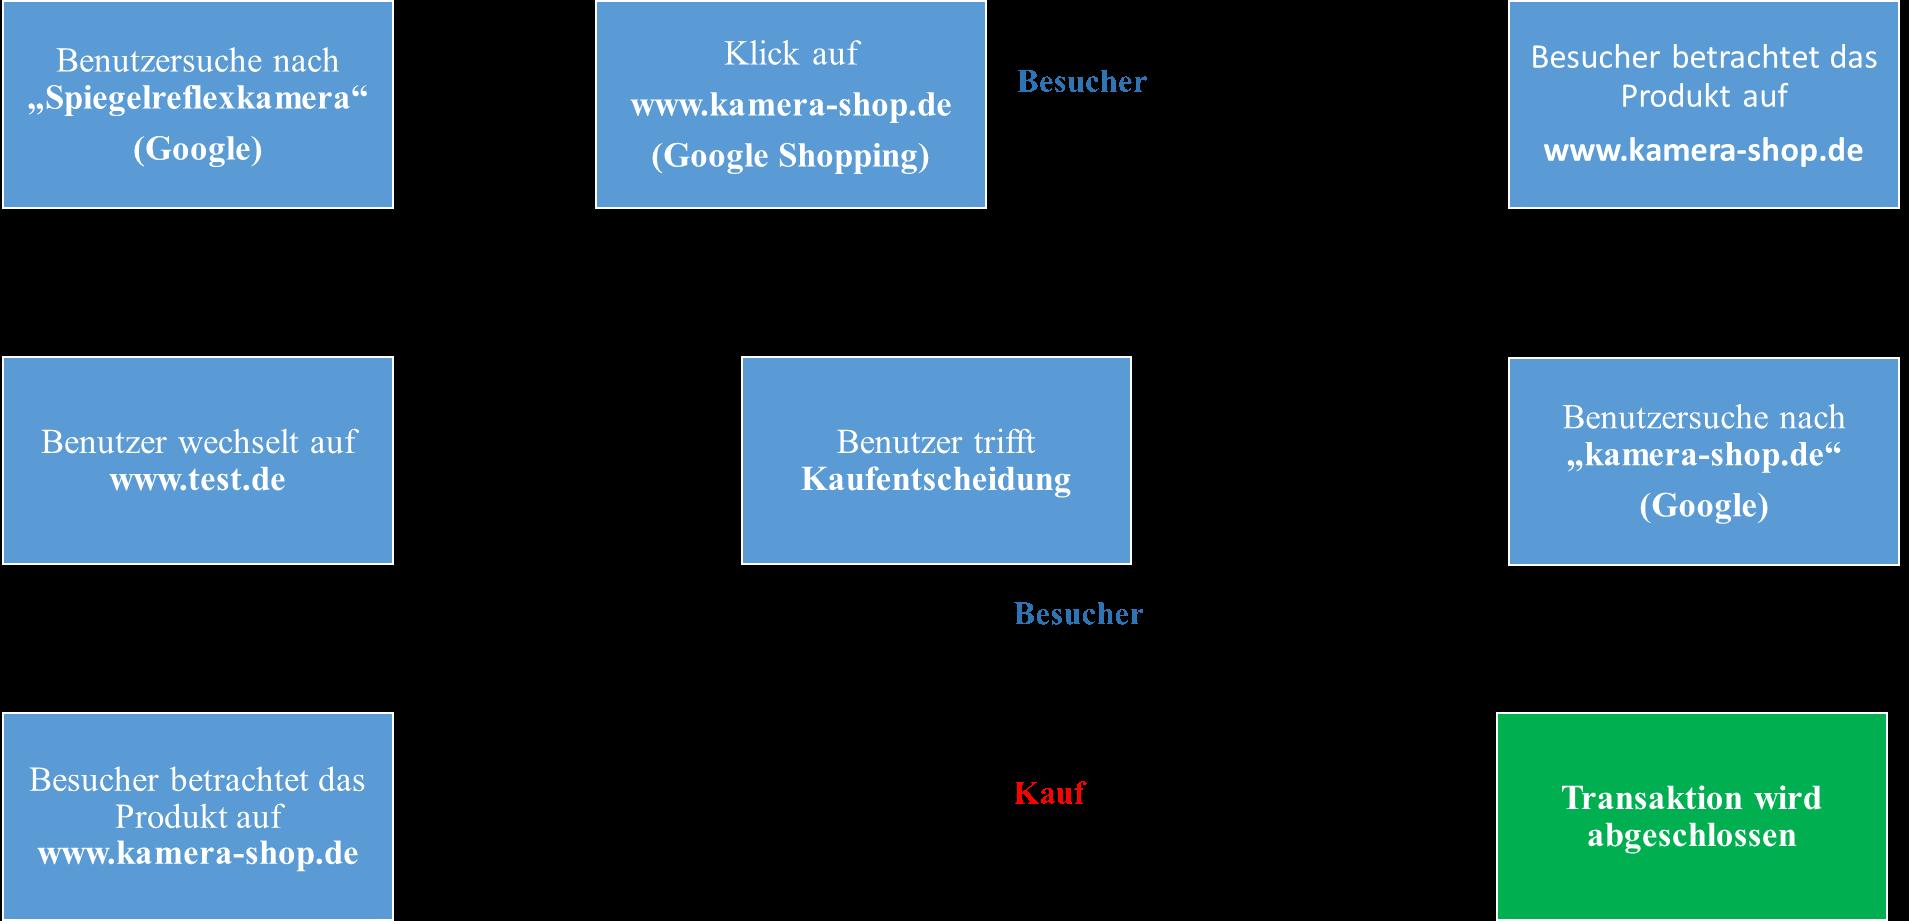 Beispiel unzureichender Conversion Attribution